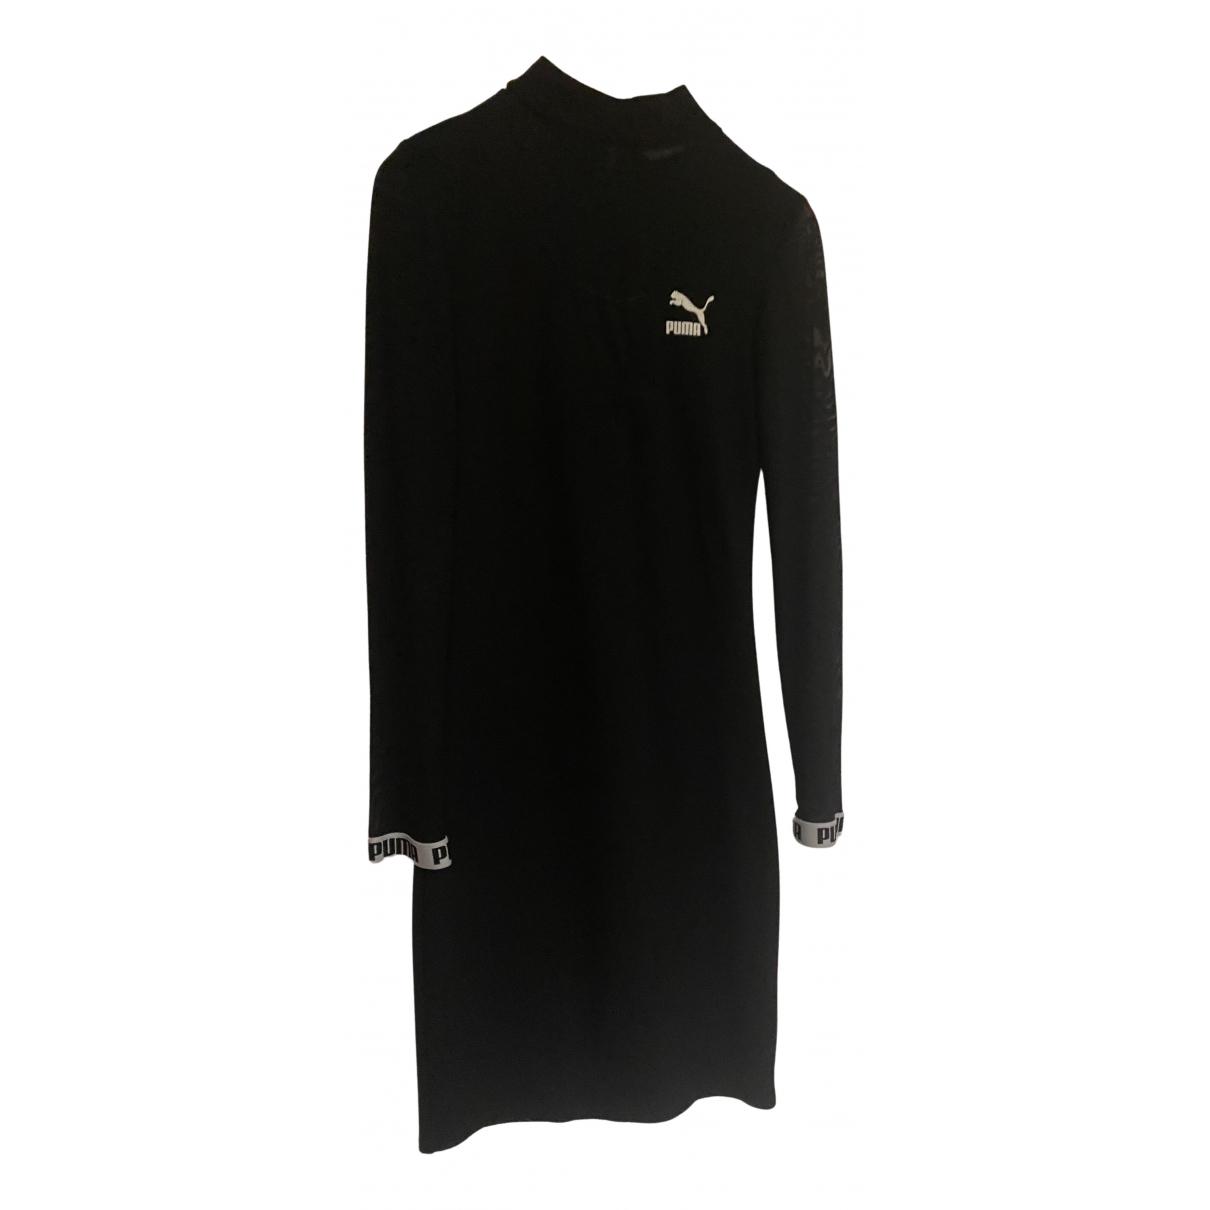 Puma - Robe   pour femme - noir